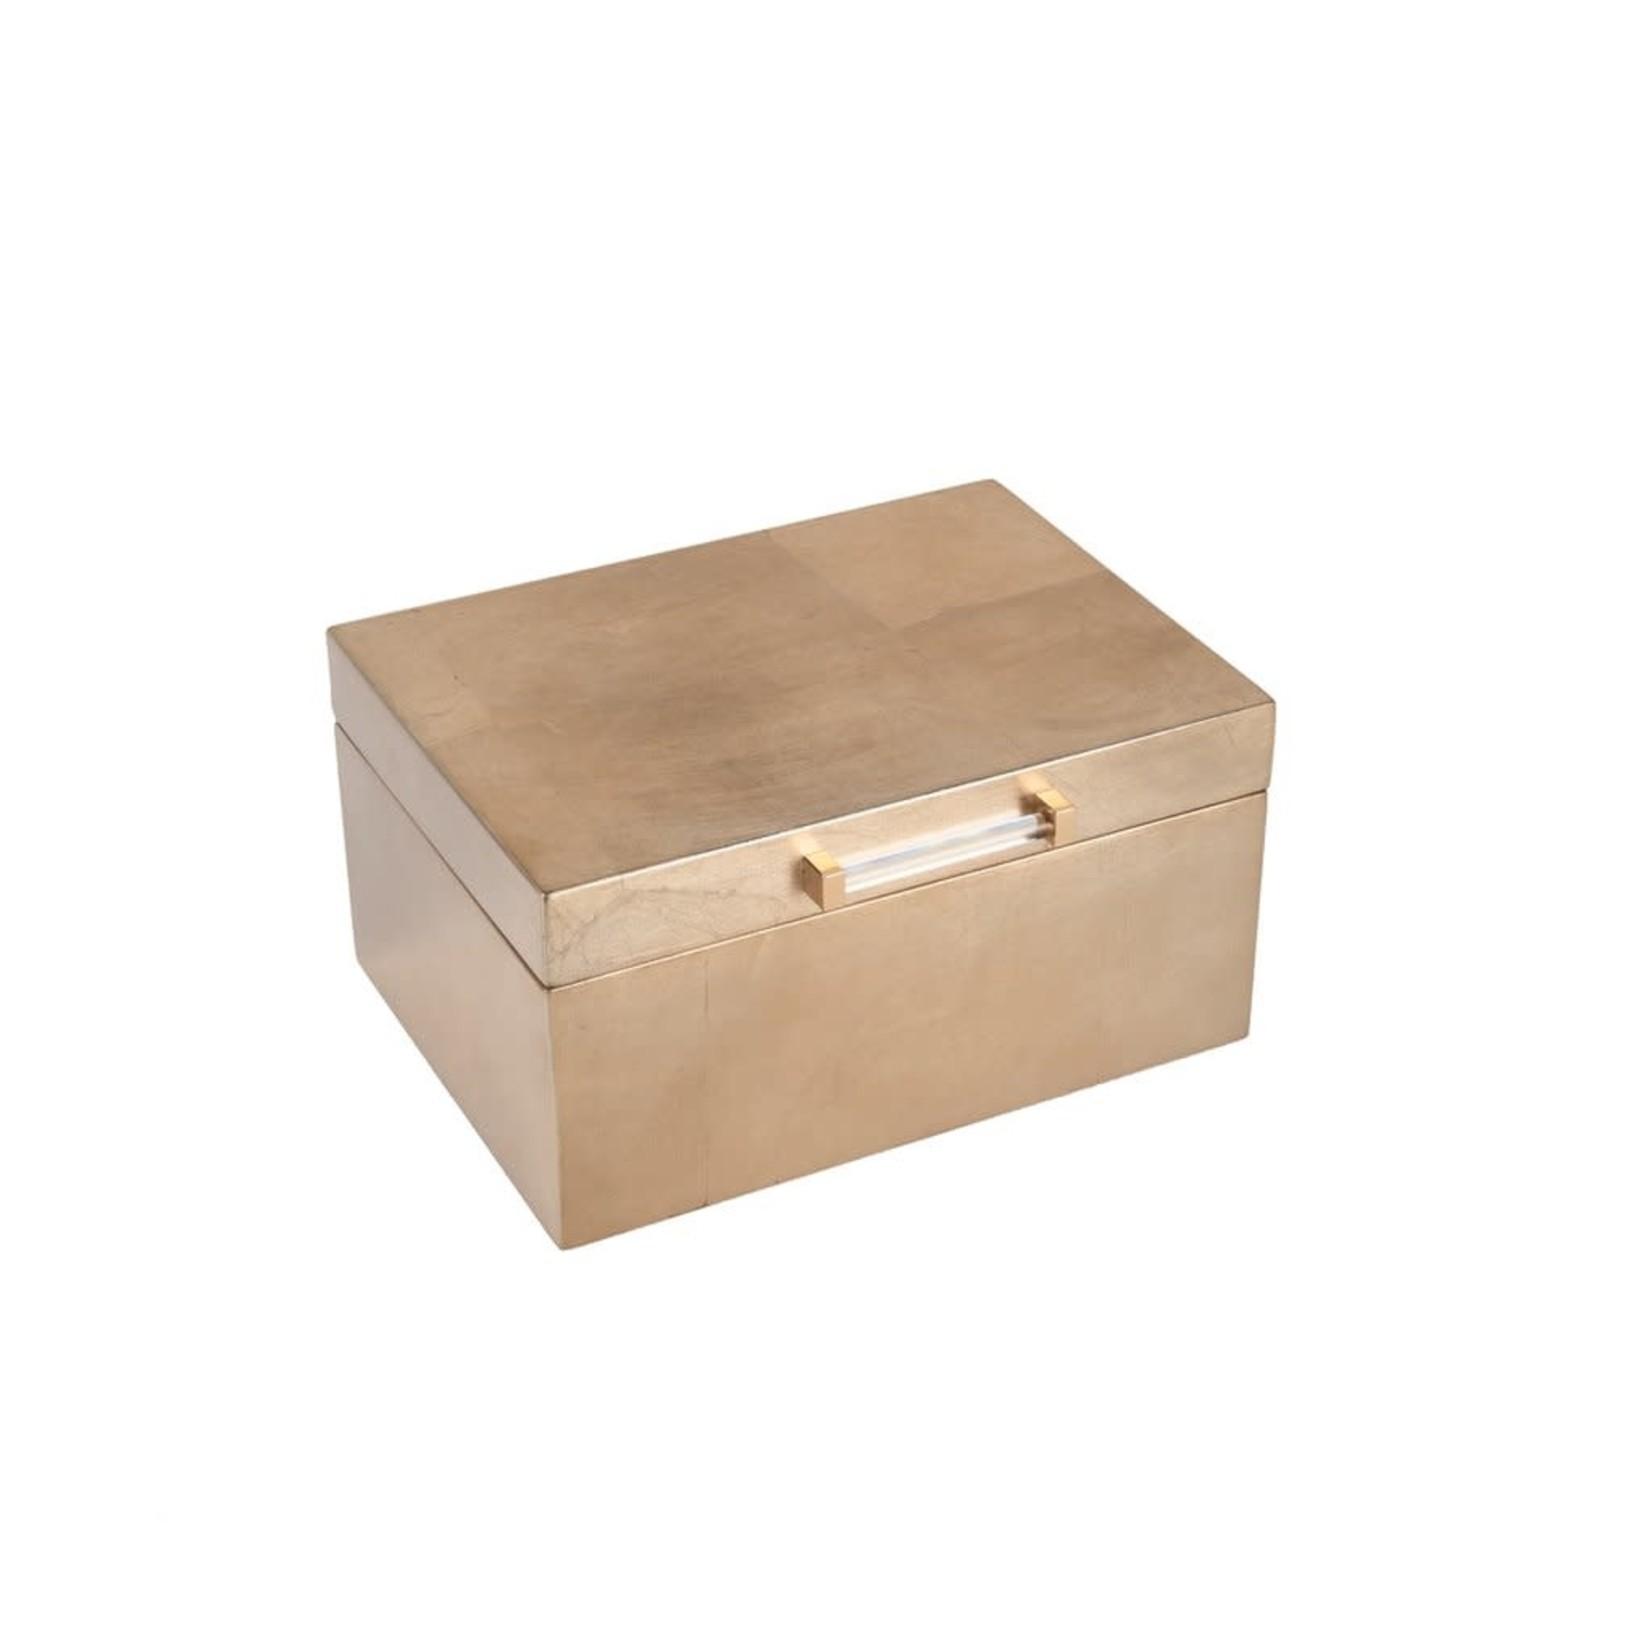 Brouk & Co Athena Jewelry Box Gold